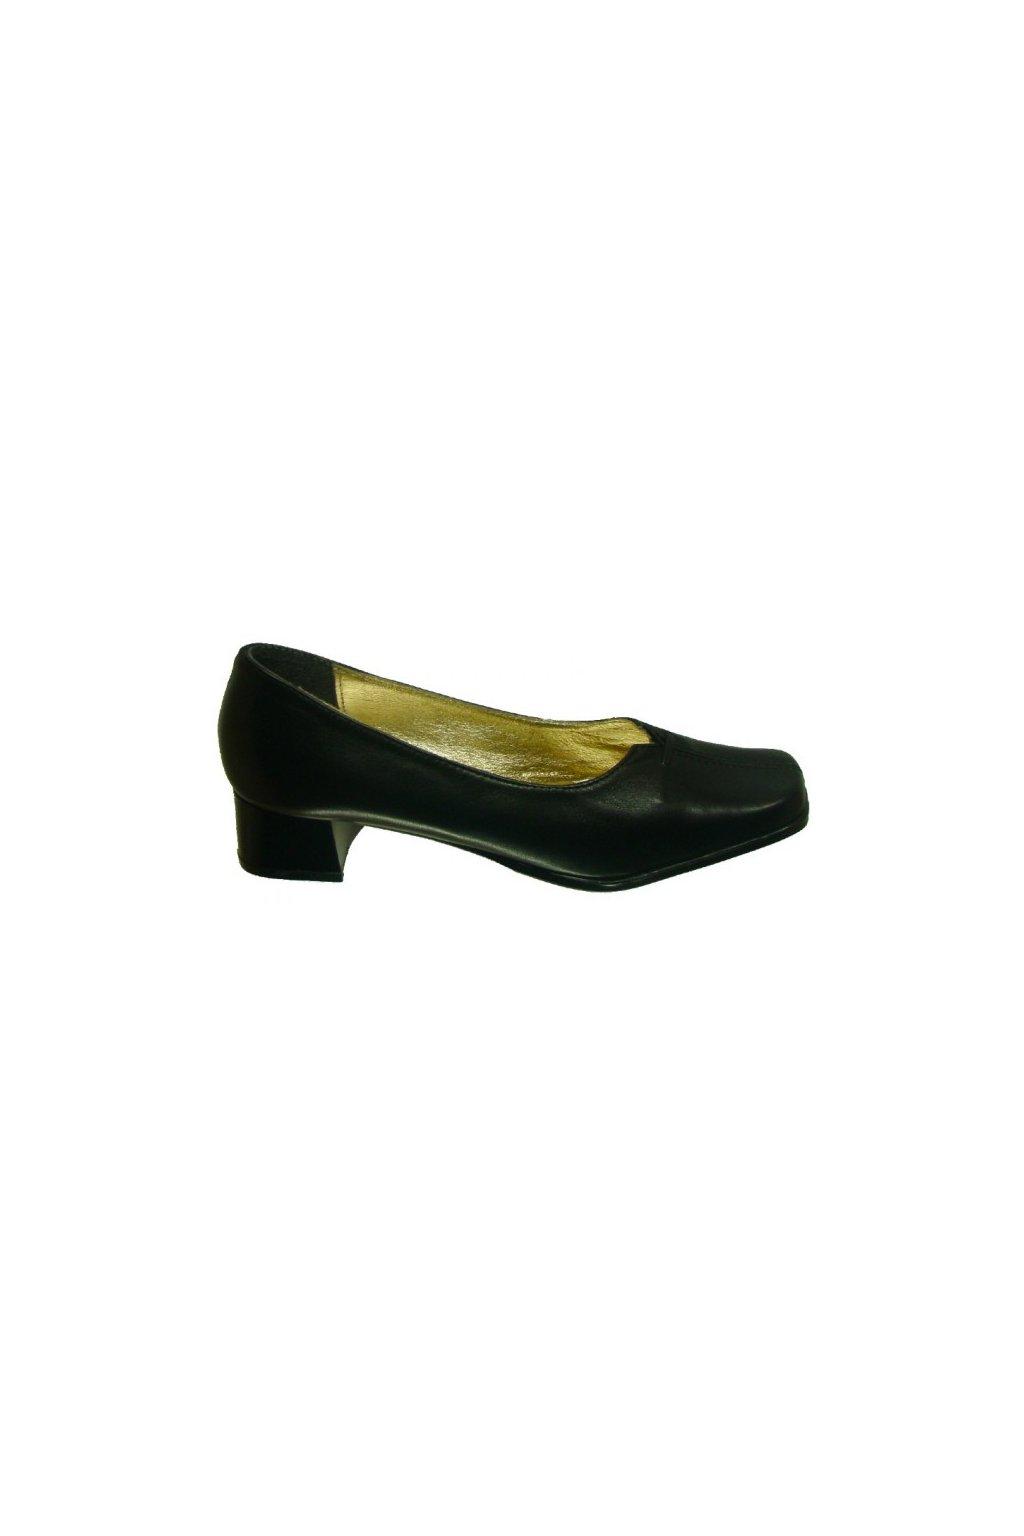 Podměrná dámská obuv Kuda 9086